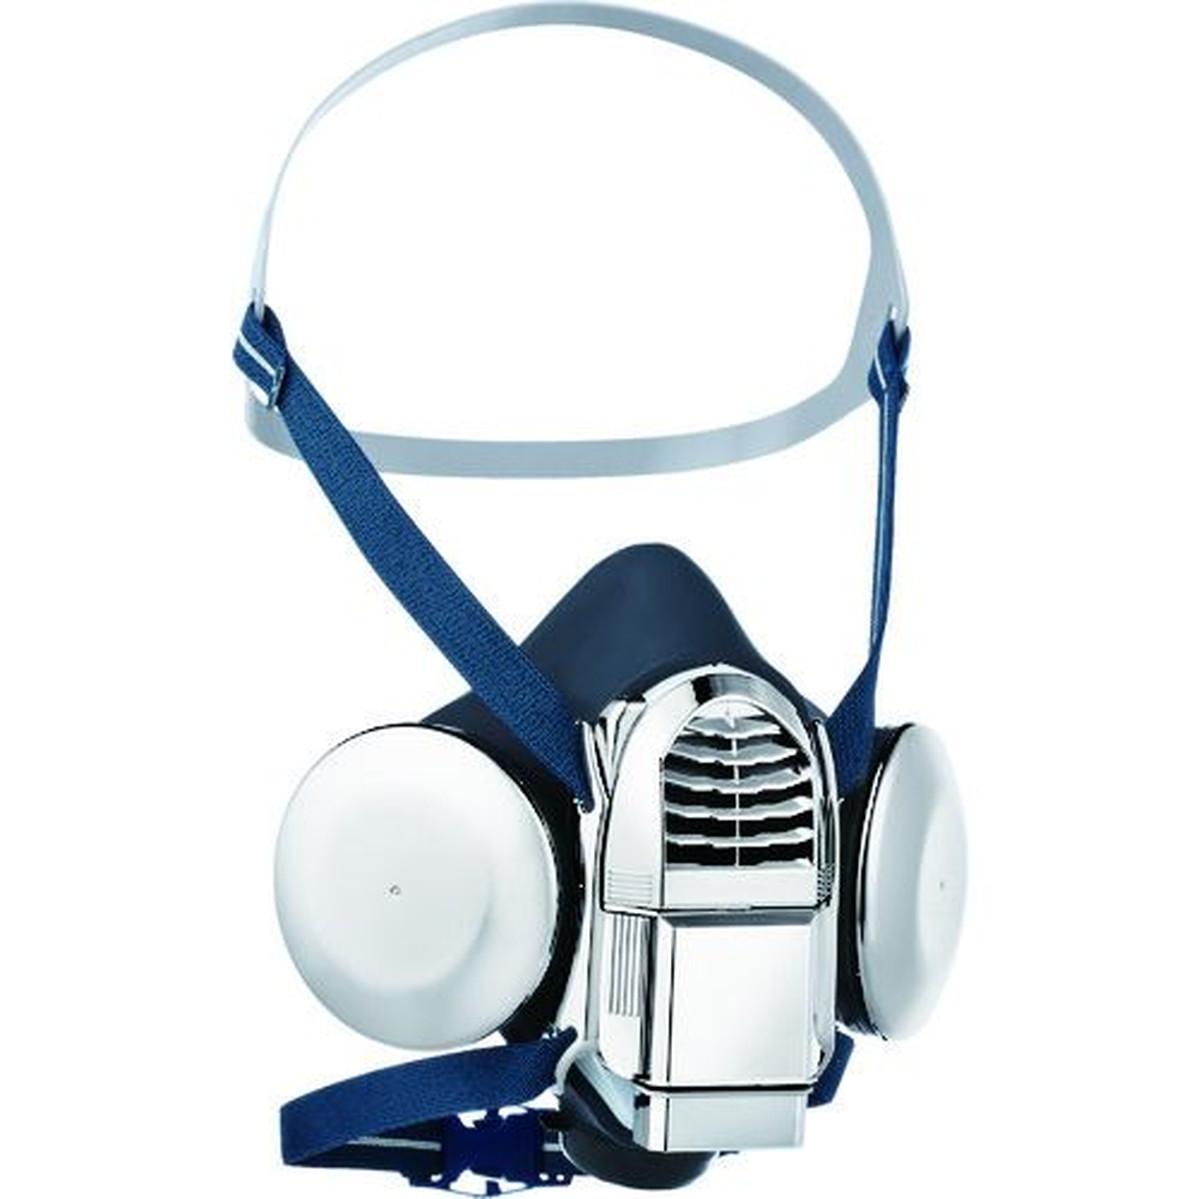 【売れ筋】 シゲマツ 1個 電動ファン付呼吸用保護具 シゲマツ Sy28R 1個, ツクイグン:0a6e9505 --- superbirkin.com